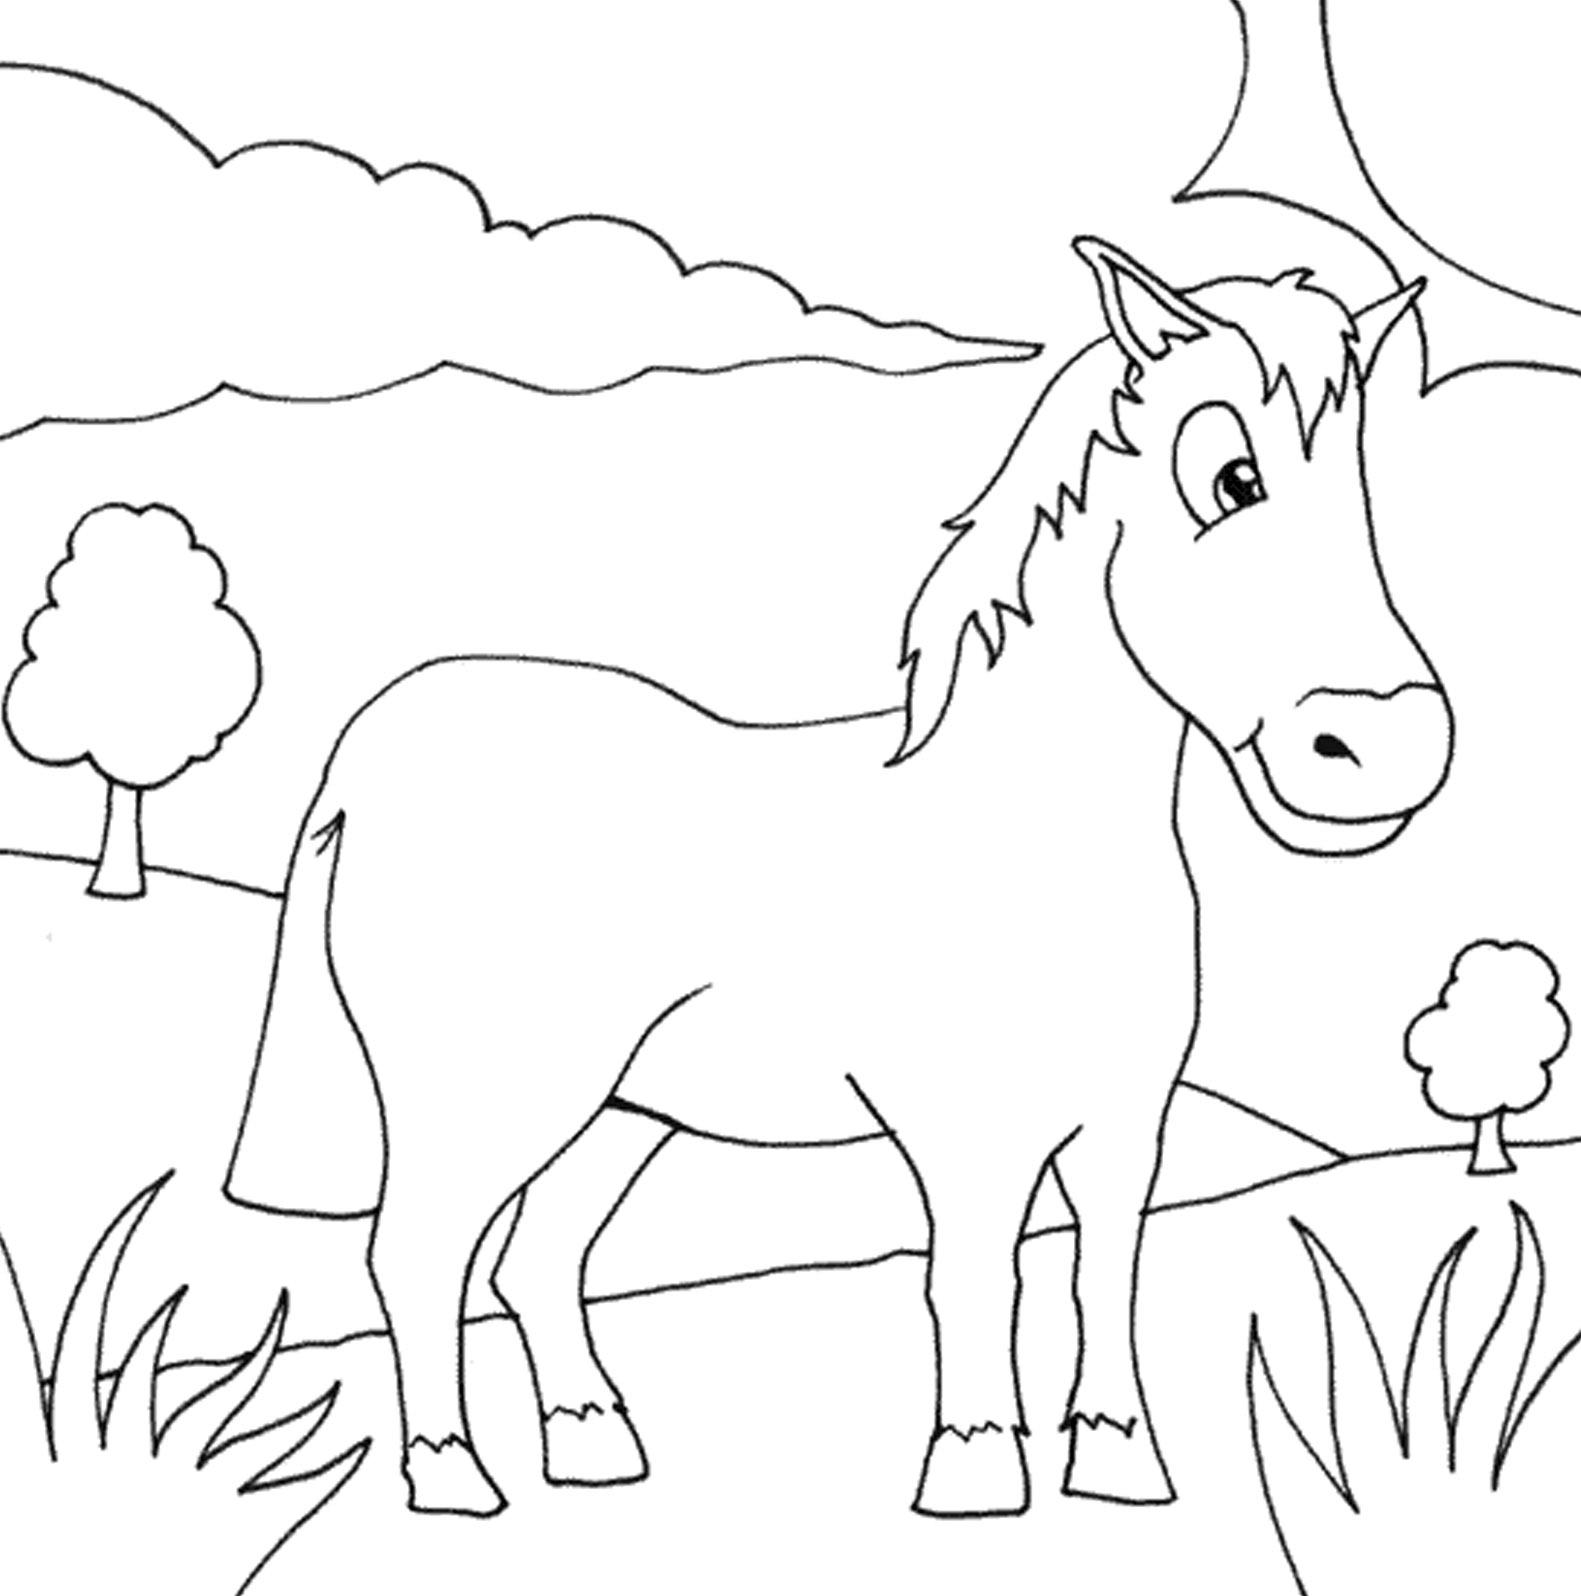 Belajar Mewarnai Hewan Kuda